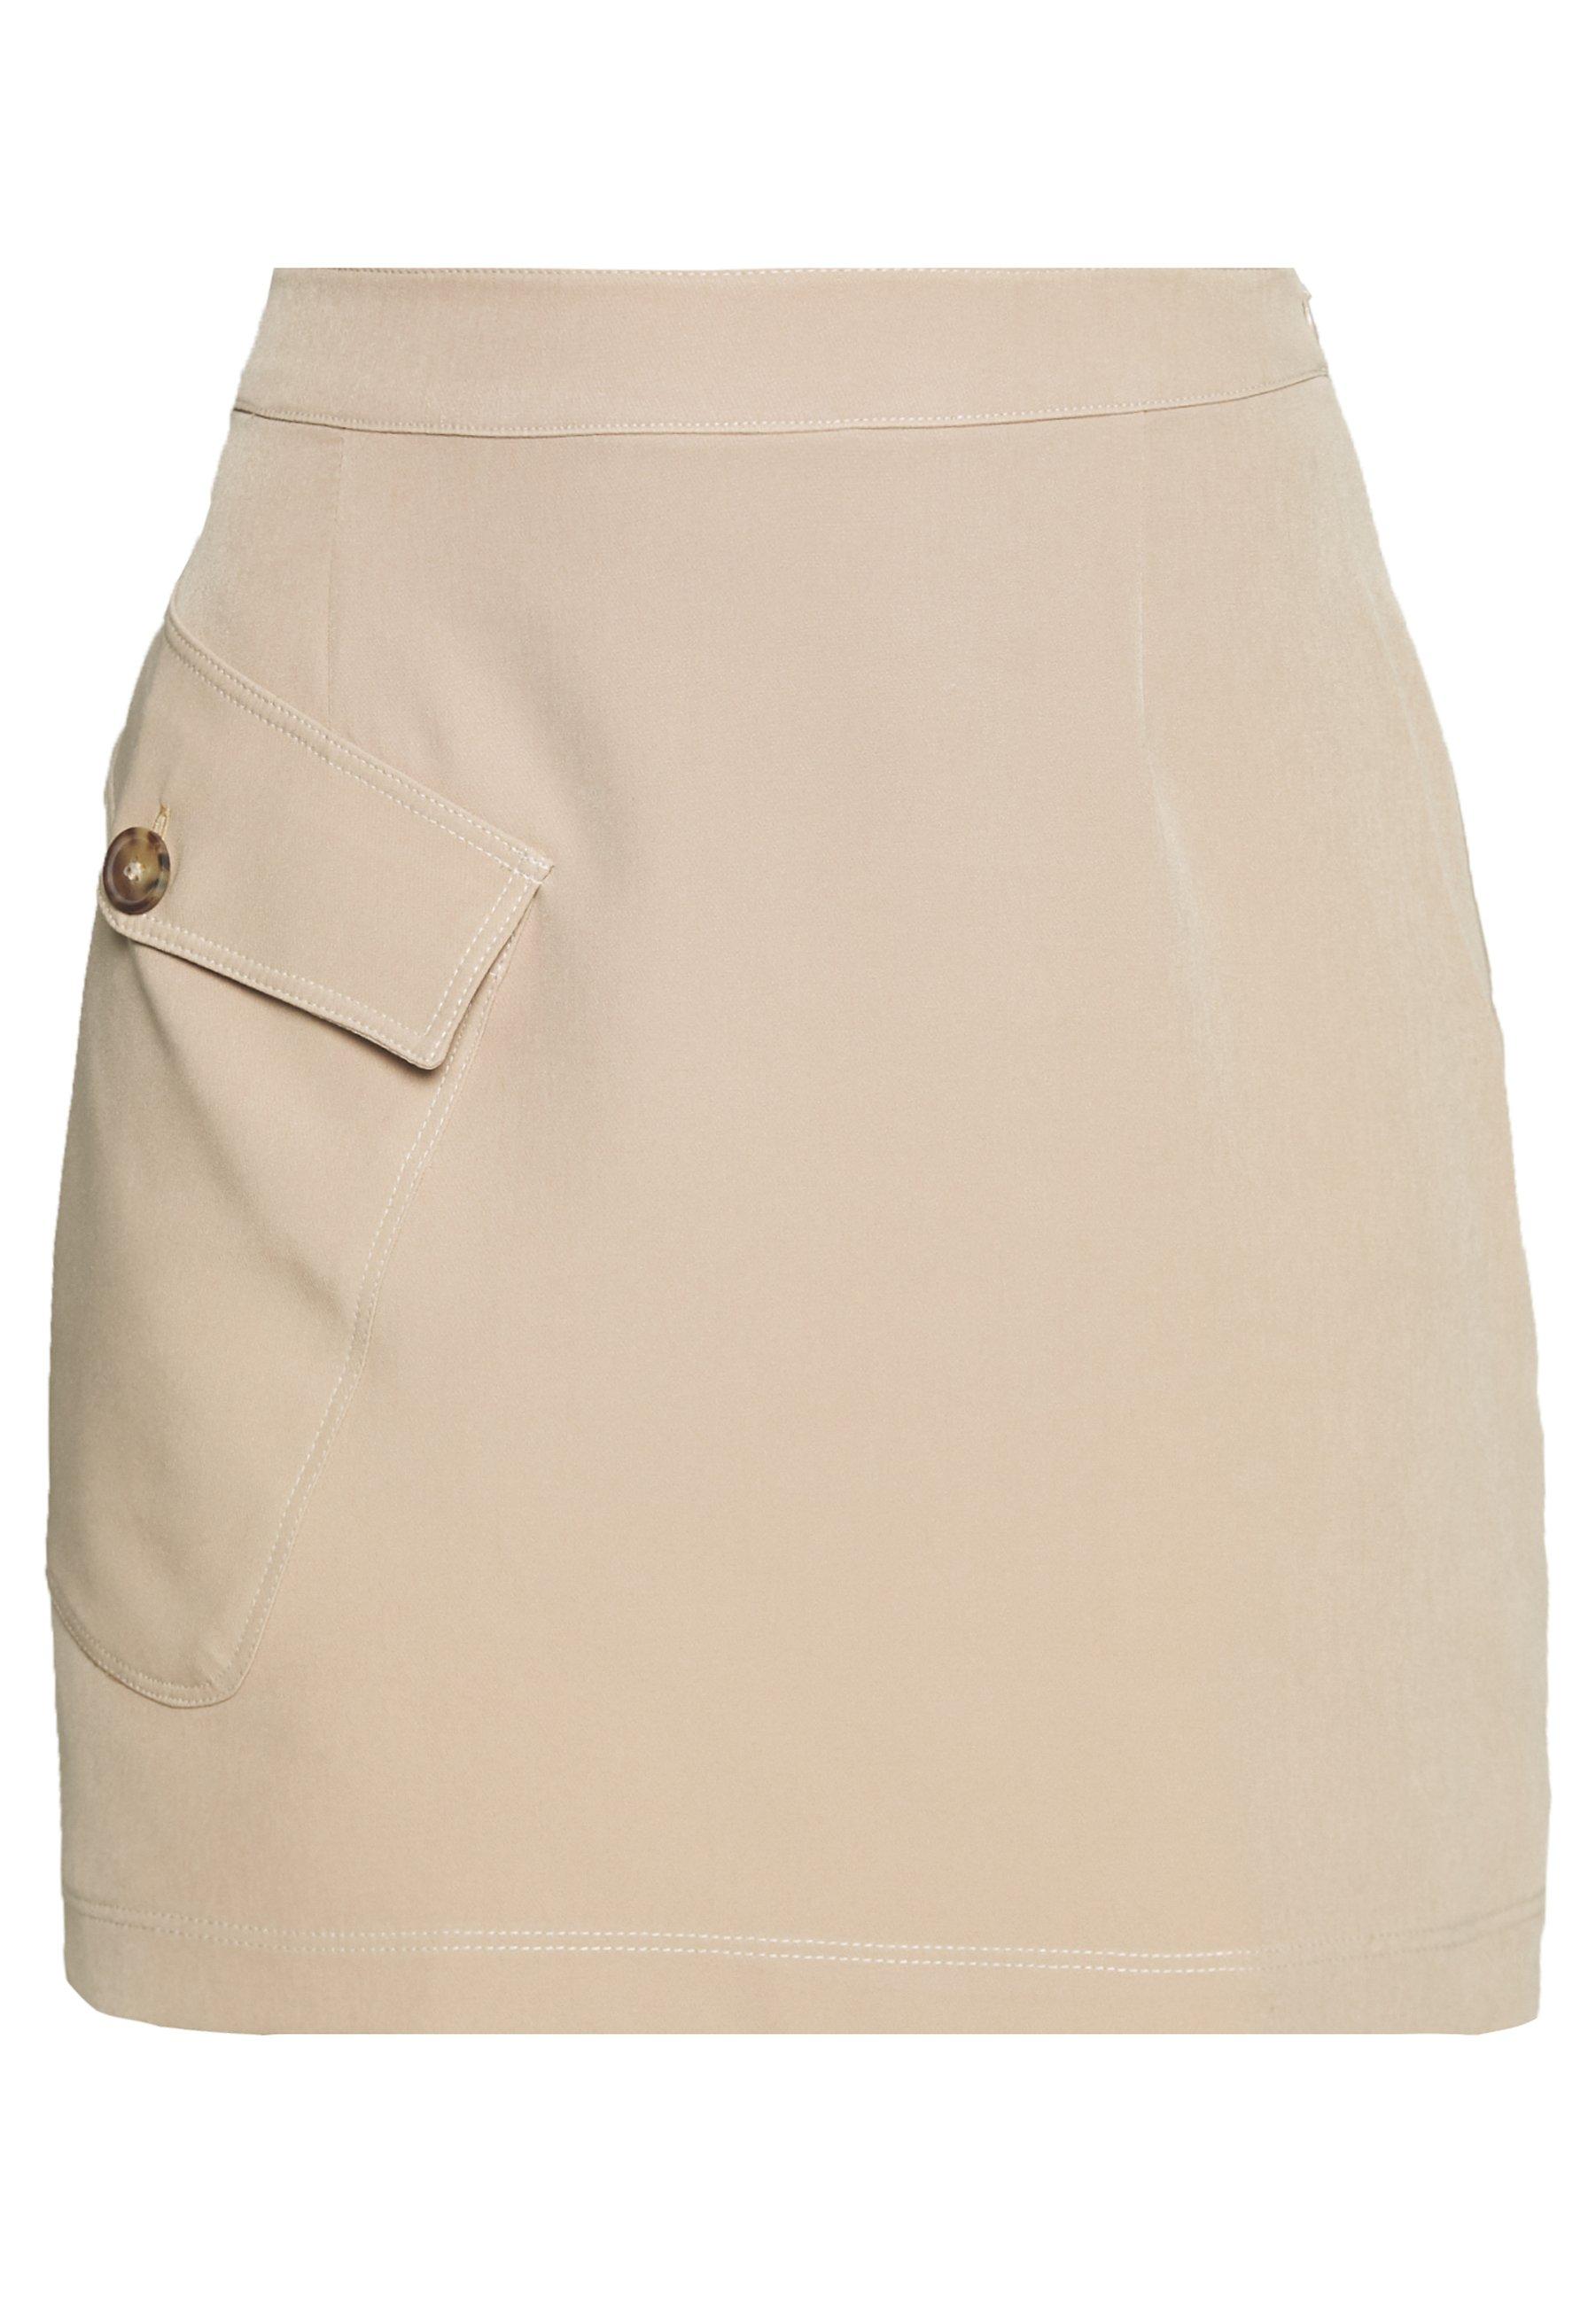 Edited Hetty Skirt - Minikjol Beige